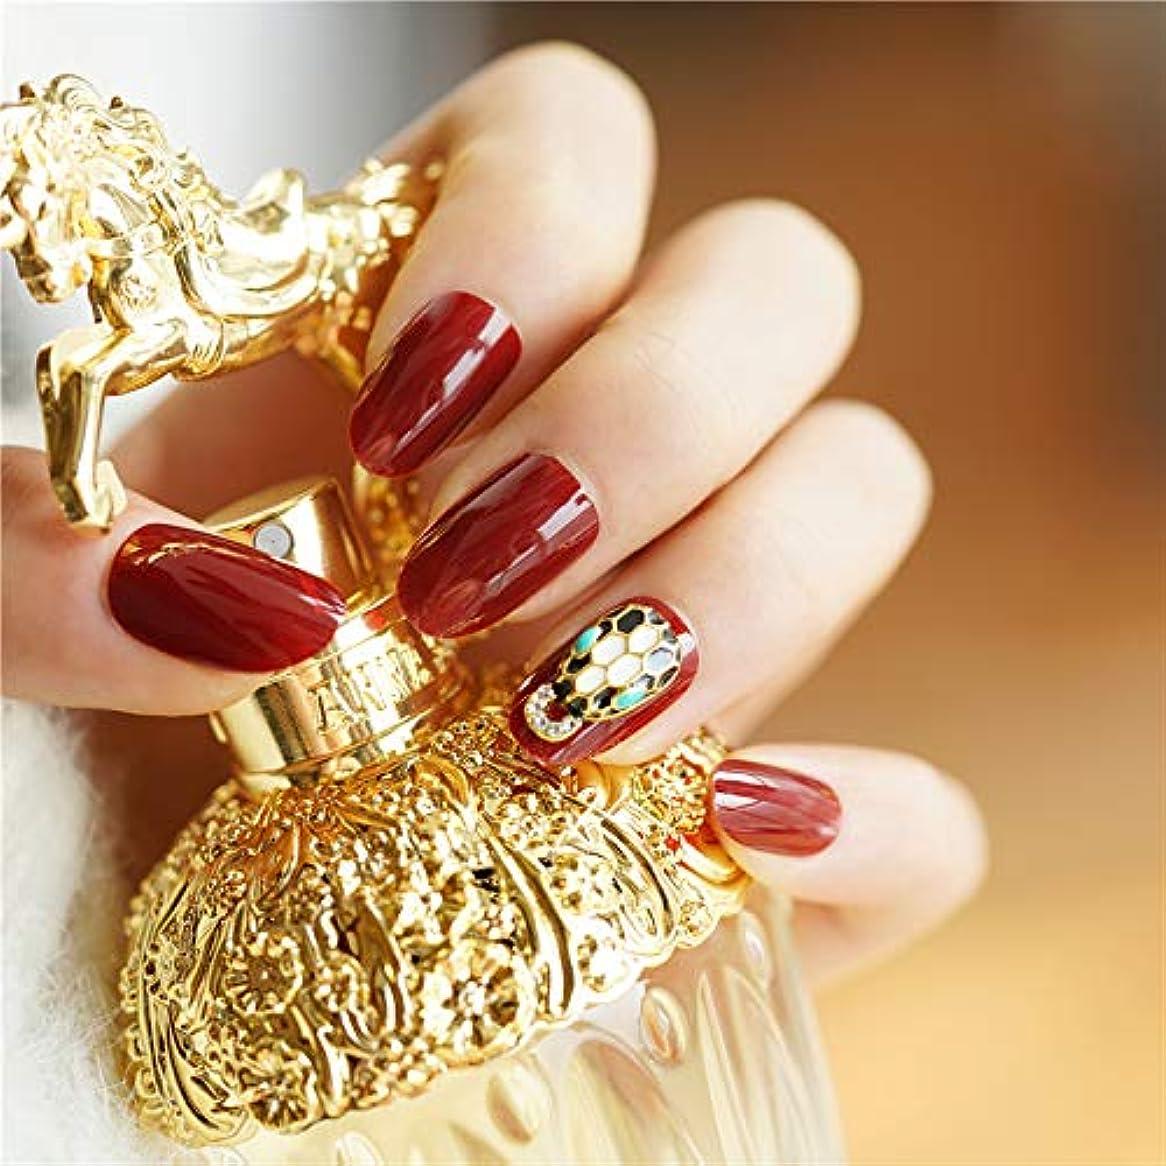 アラブサラボ意外埋める24枚セット ネイルチップ 付け爪 お嫁さんつけ爪 ネイルシール 3D可愛い飾り 爪先金回し 水しいピンク色変化デザインネイルチップ (ワインレッド)